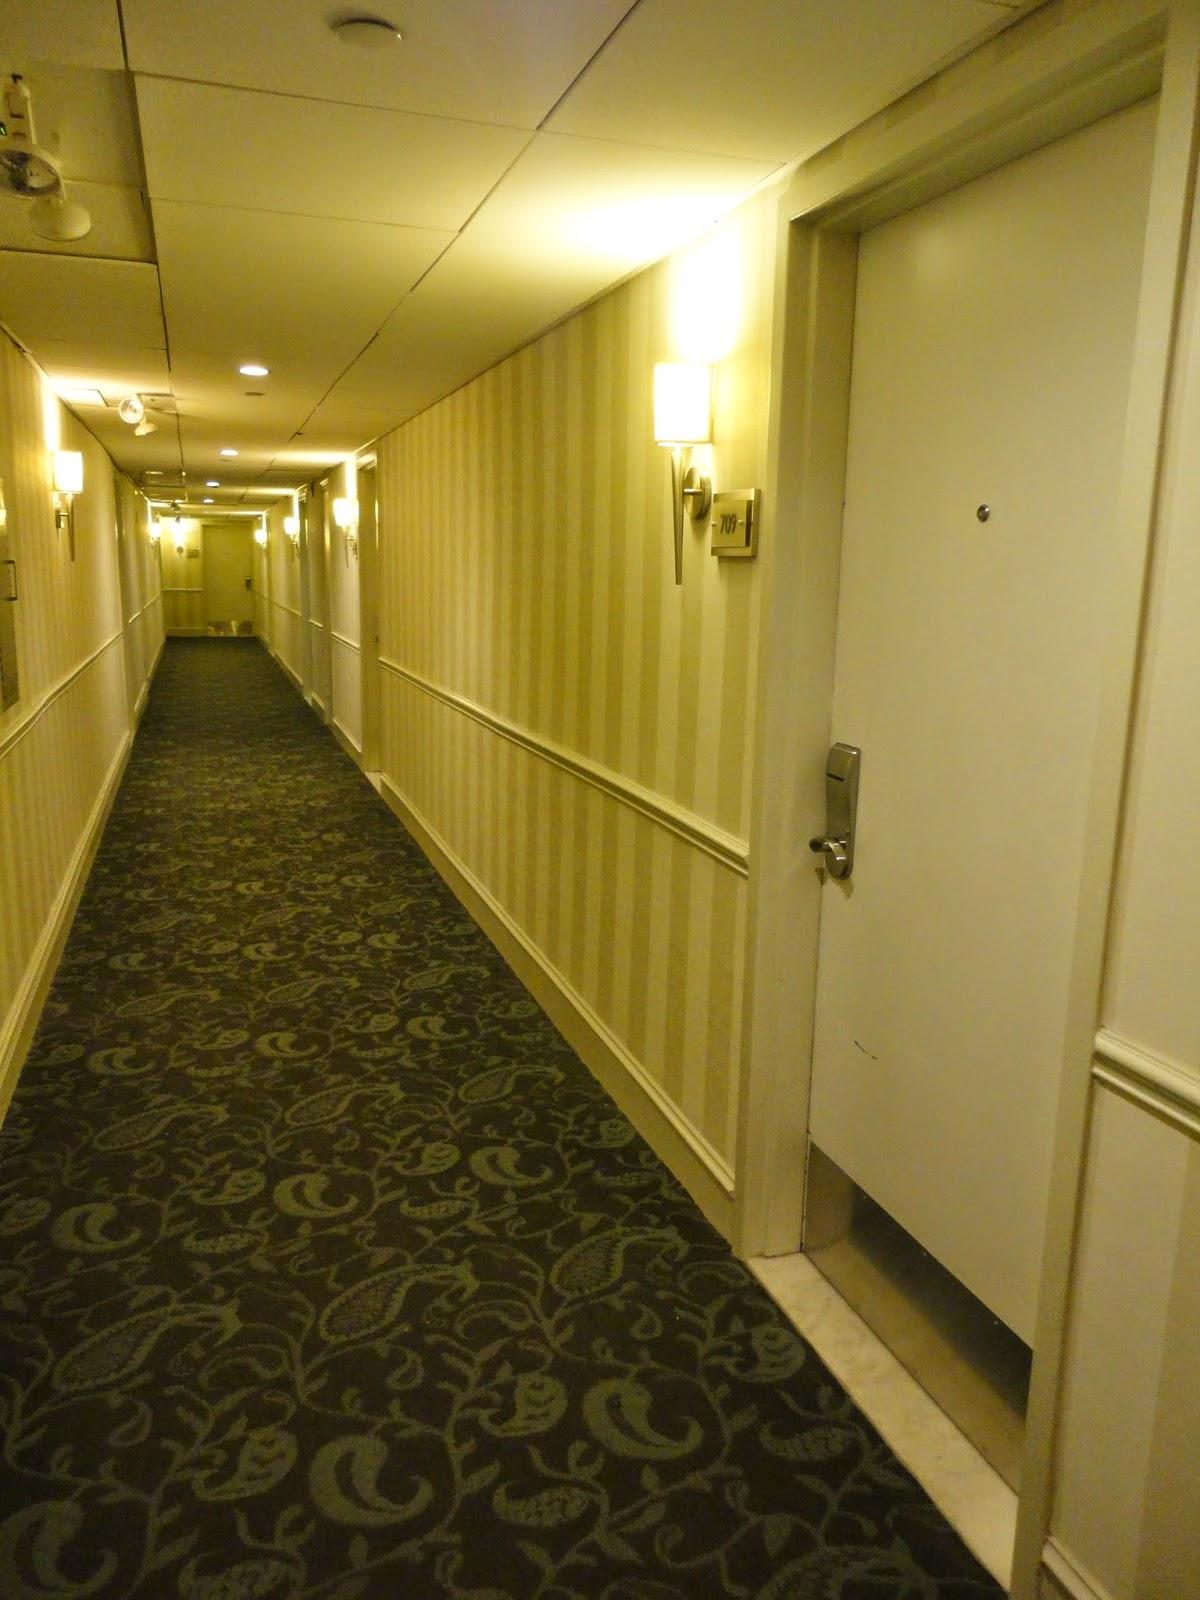 こじ 日々のこと 2014 ニューヨーク旅行記 ホテルの部屋